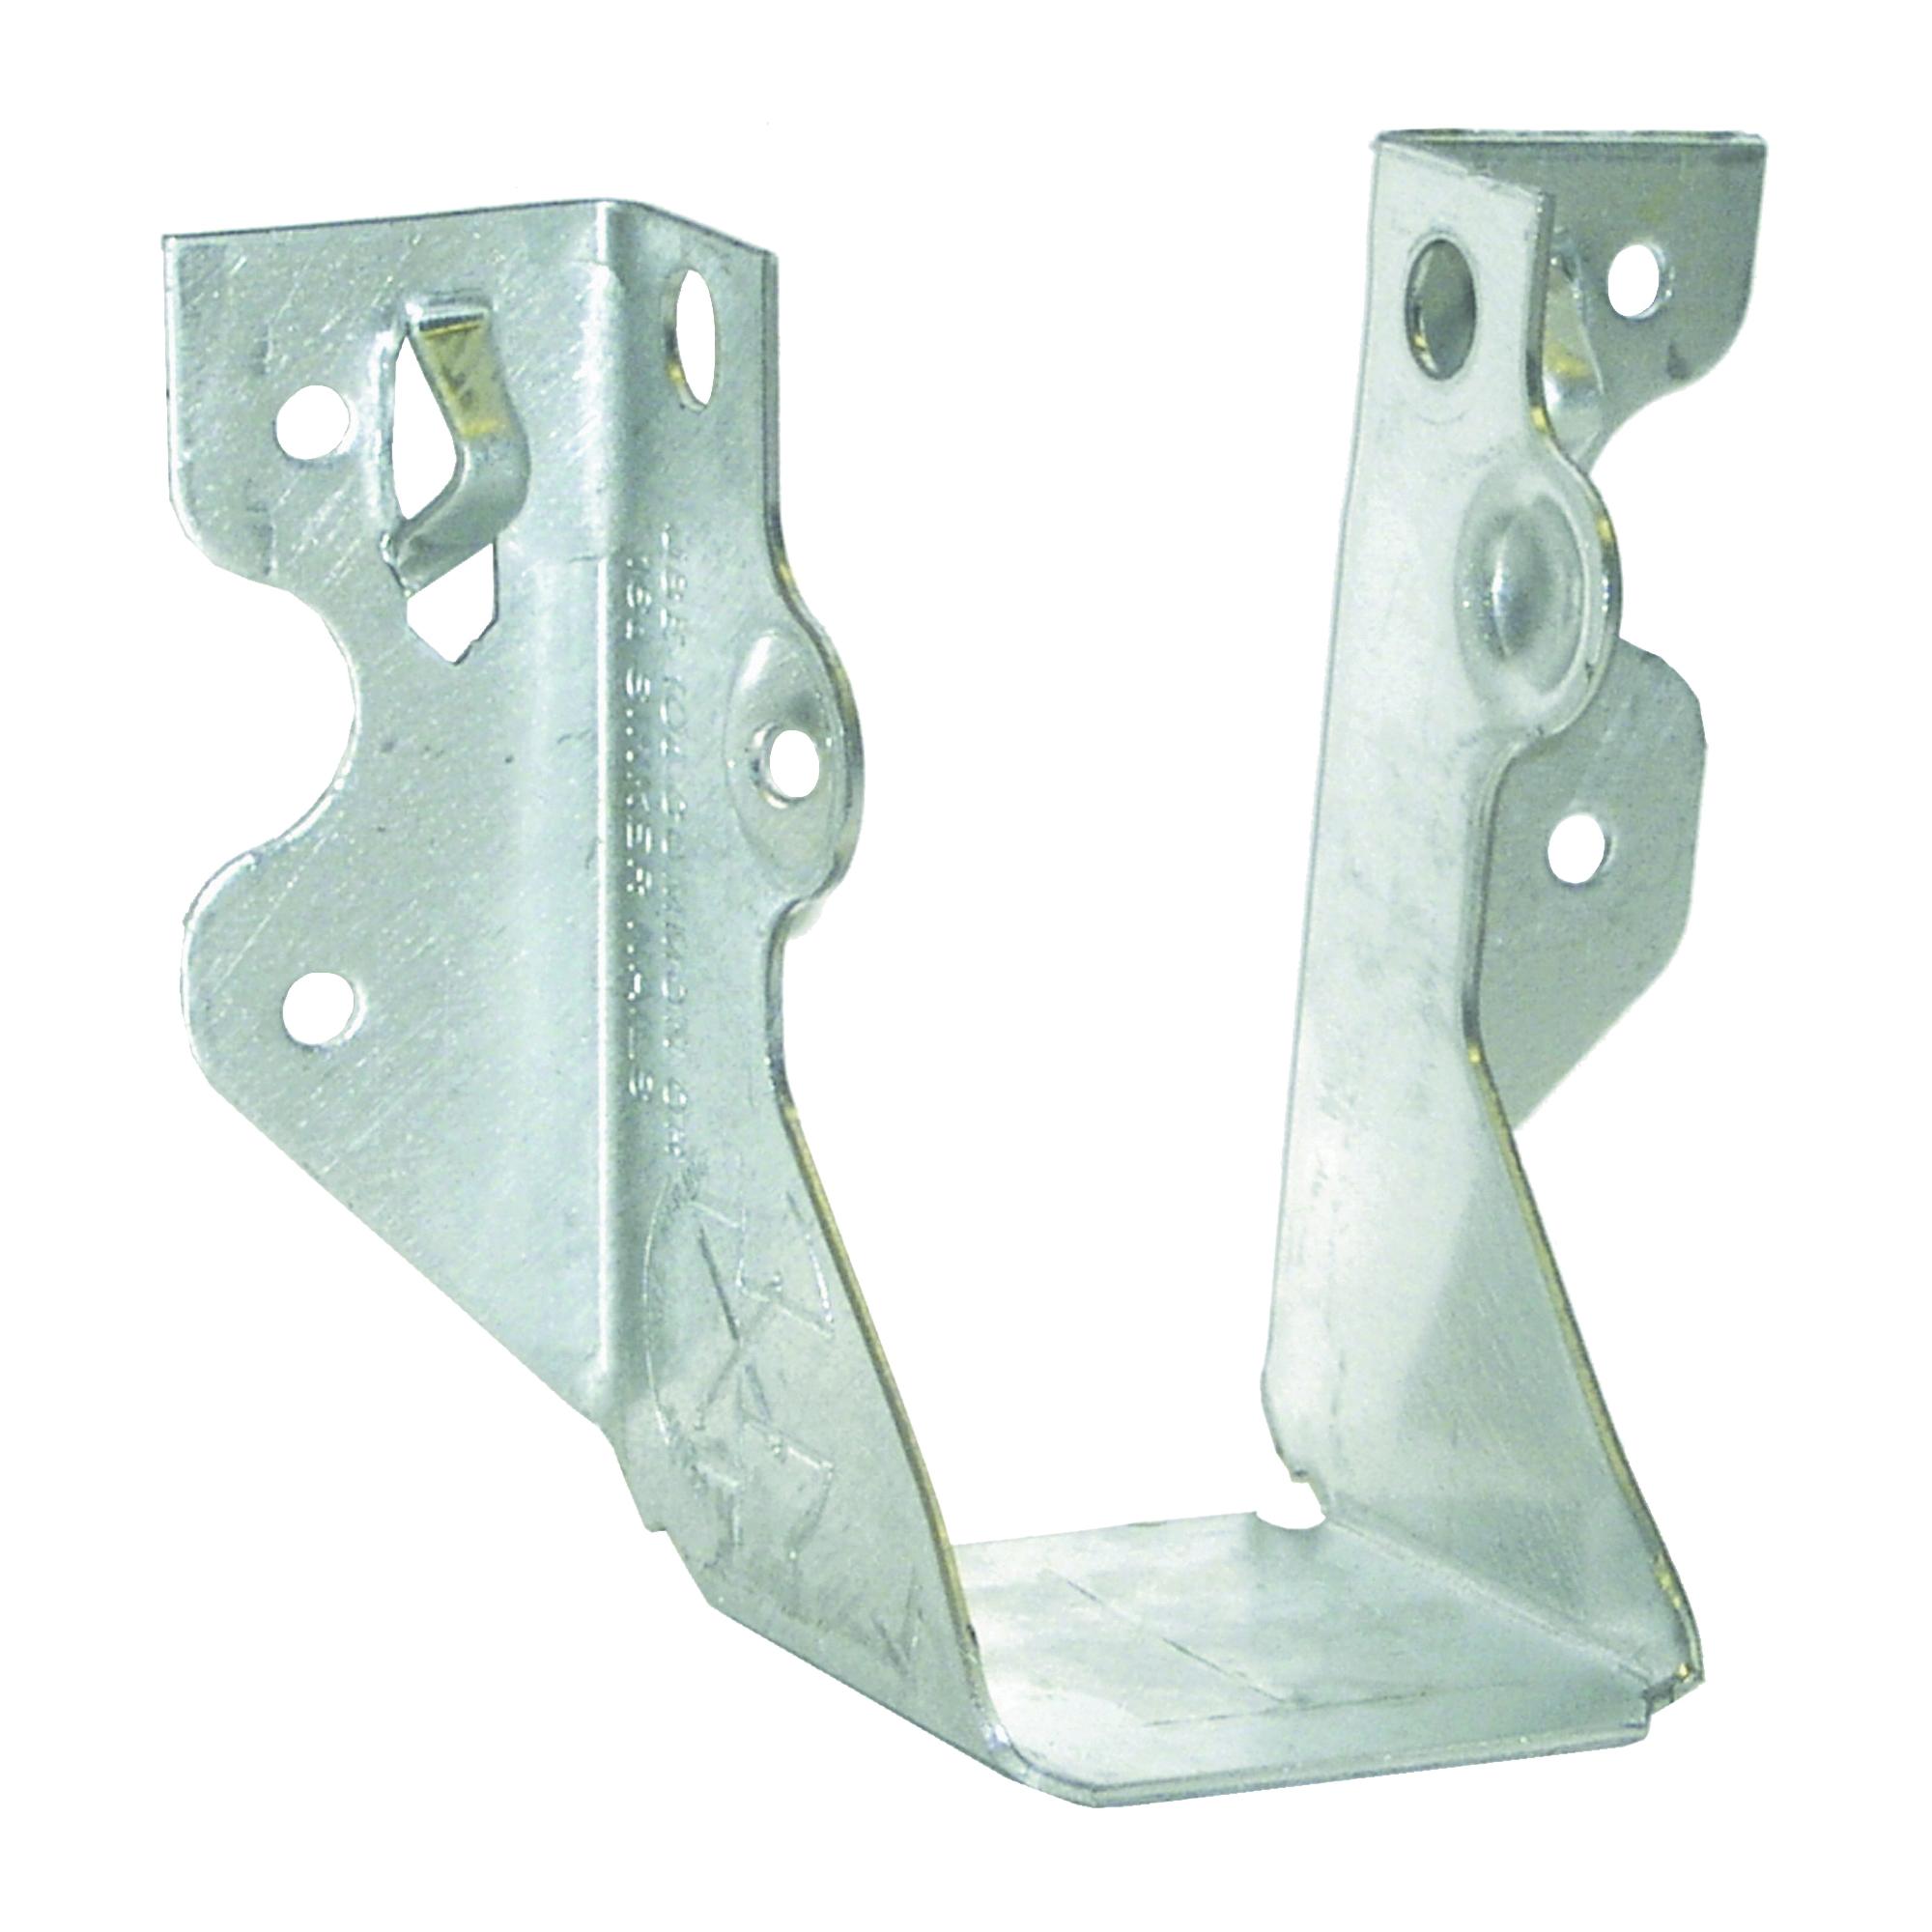 Picture of MiTek JUS24-TZ Slant Joist Hanger, 3-1/8 in H, 1-3/4 in D, 1-9/16 in W, 2 in x 4 in, Steel, Zinc, Face Mounting